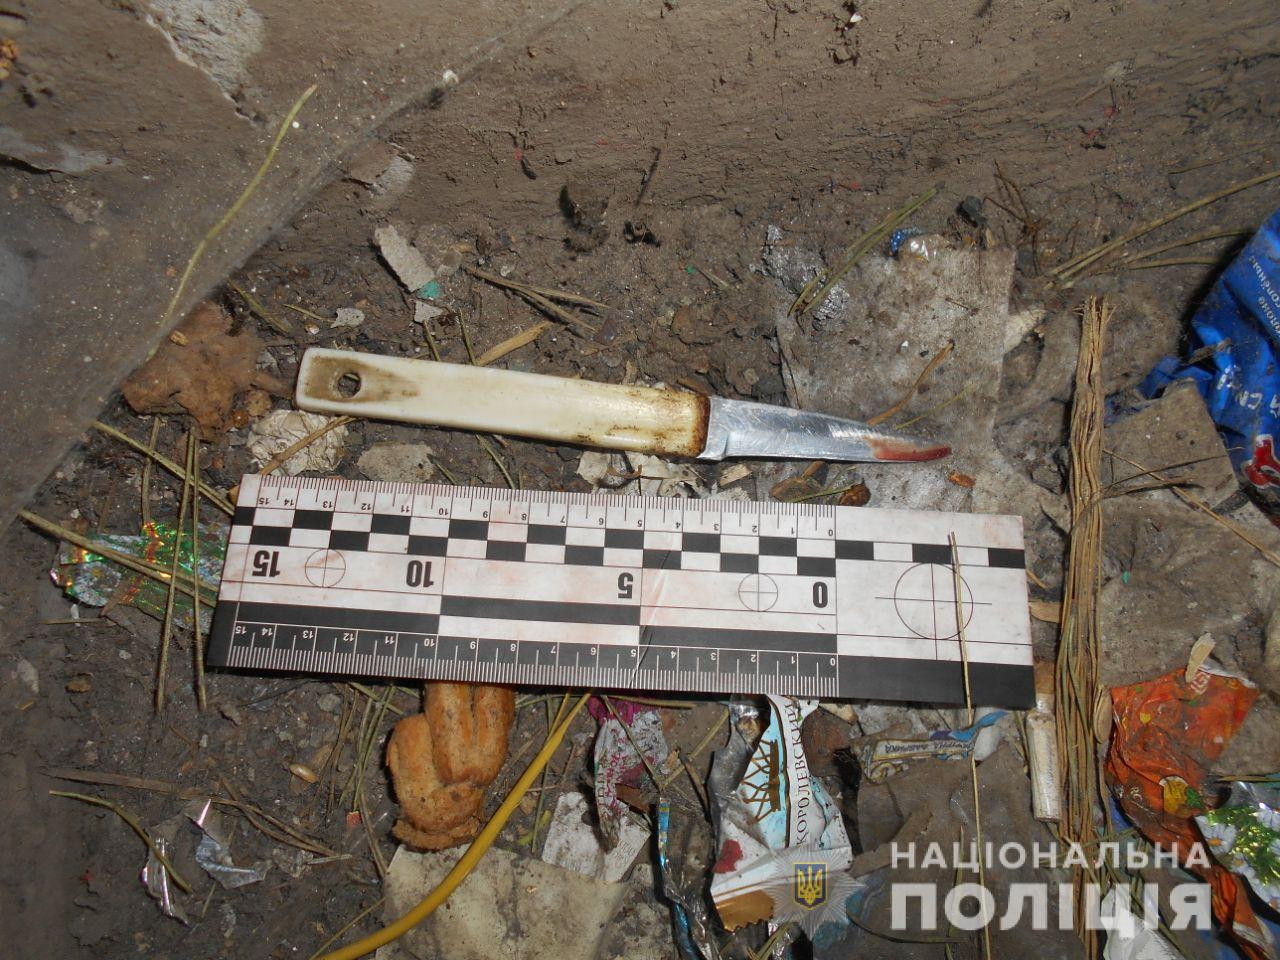 Попросил сигарету и получил ножом в шею: на Харьковщине мужчина напал на парня